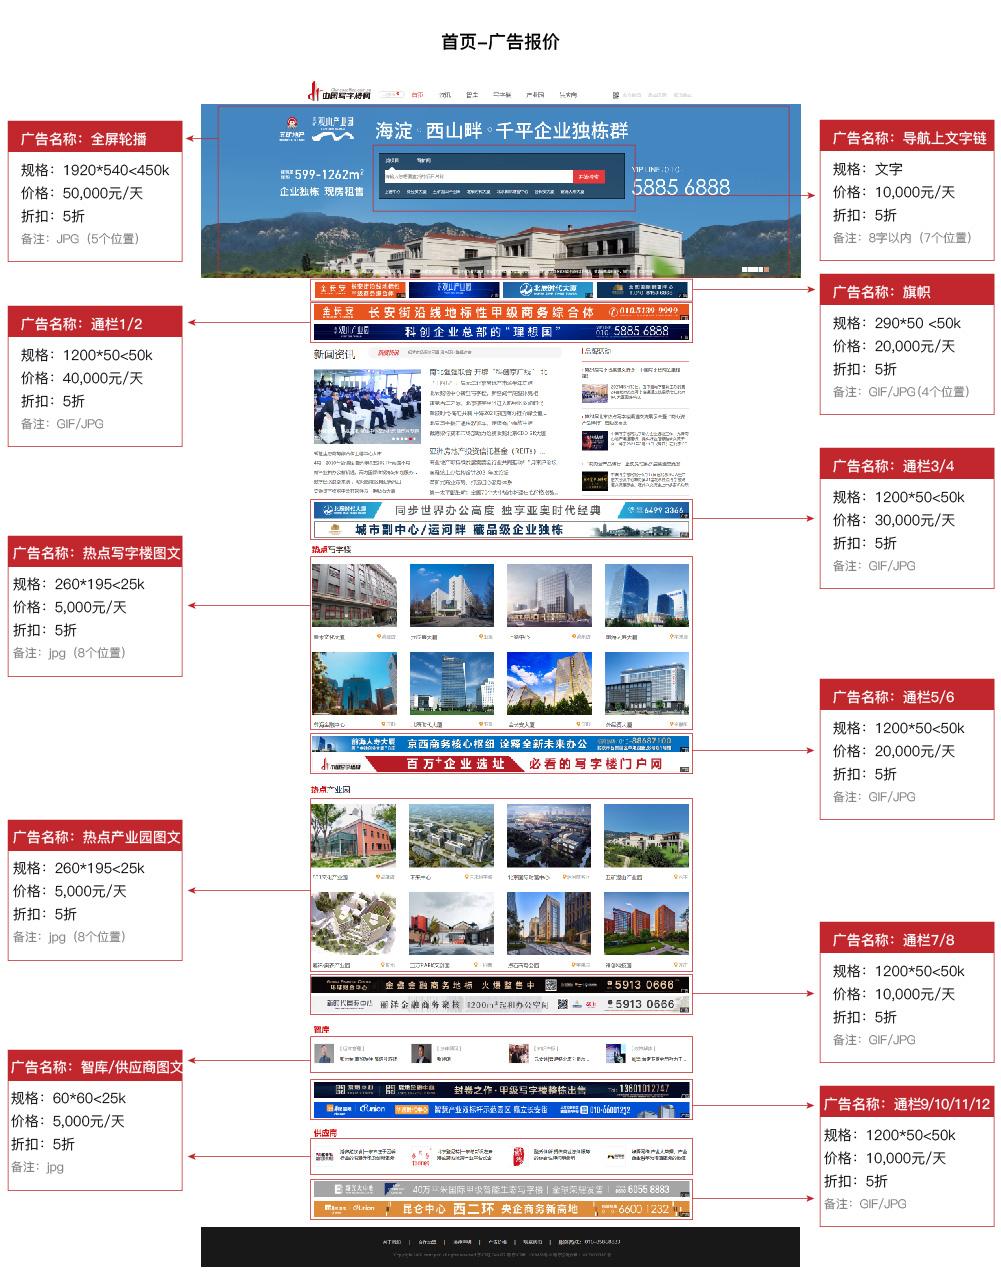 广告价格_画板 1.jpg